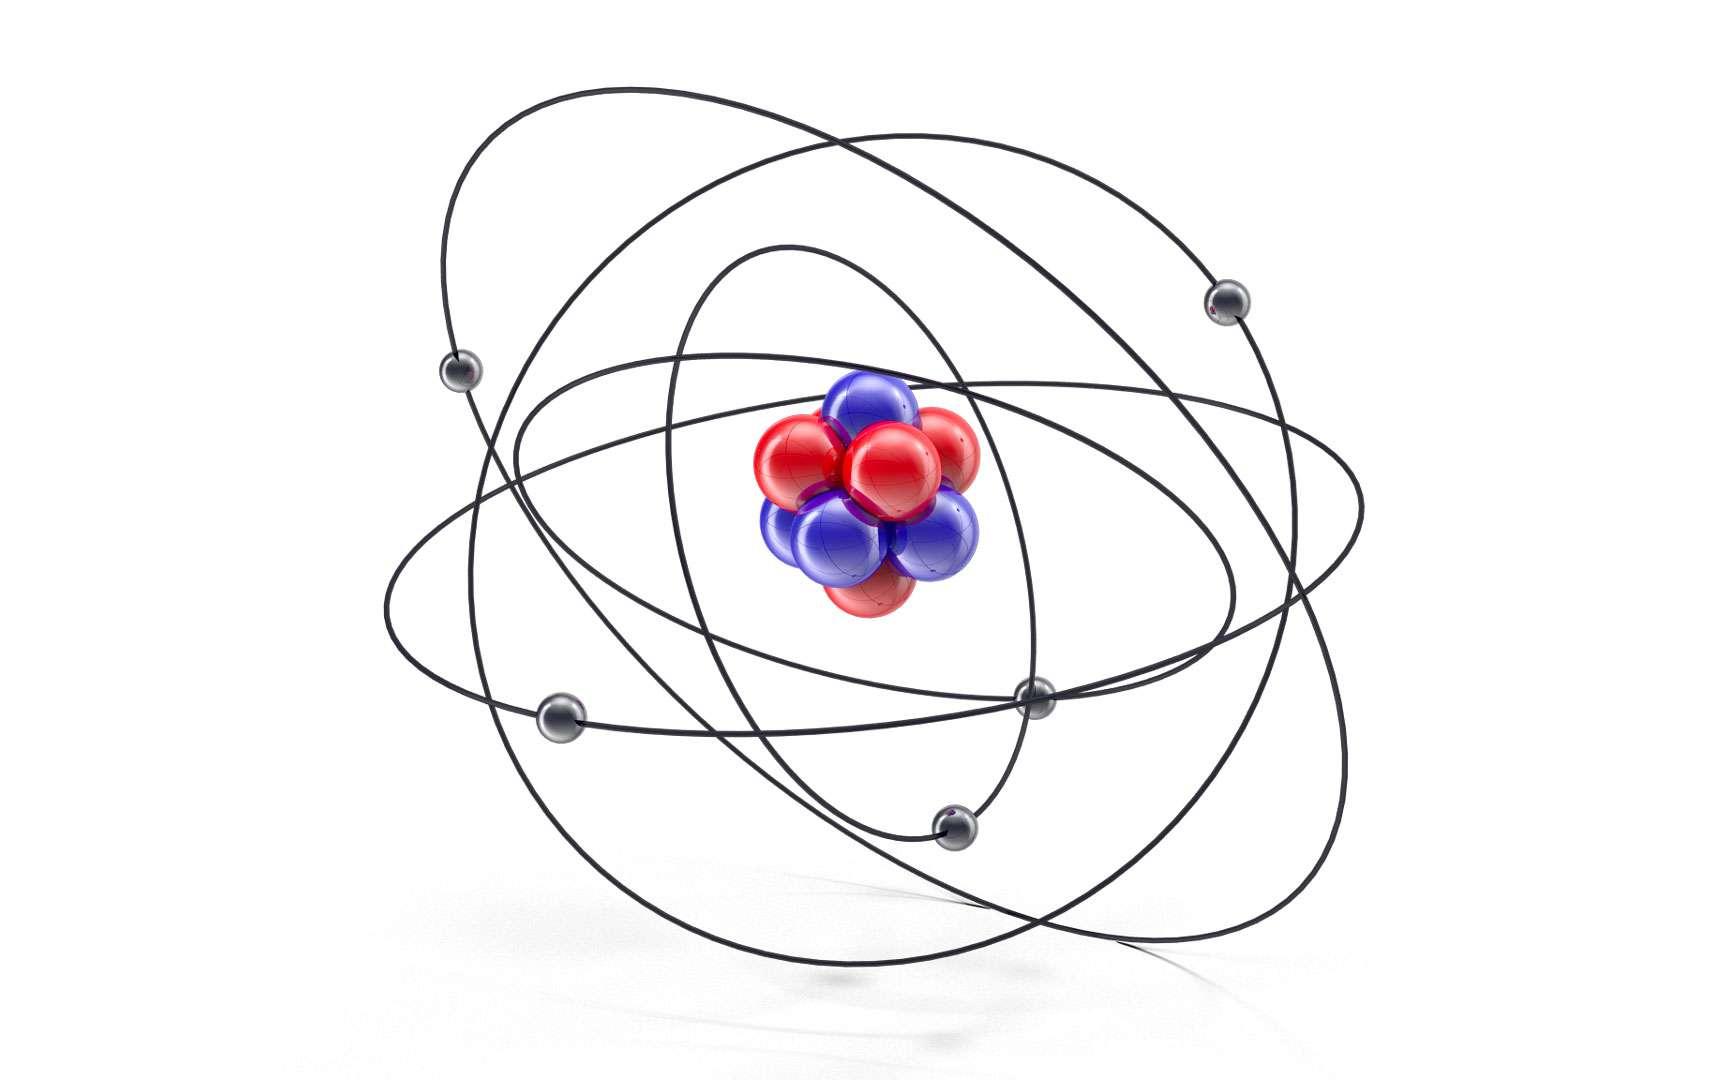 Il y a encore quelques temps, on pensait que l'atome était le plus petit objet physique © bogdandreava, Envato Elements